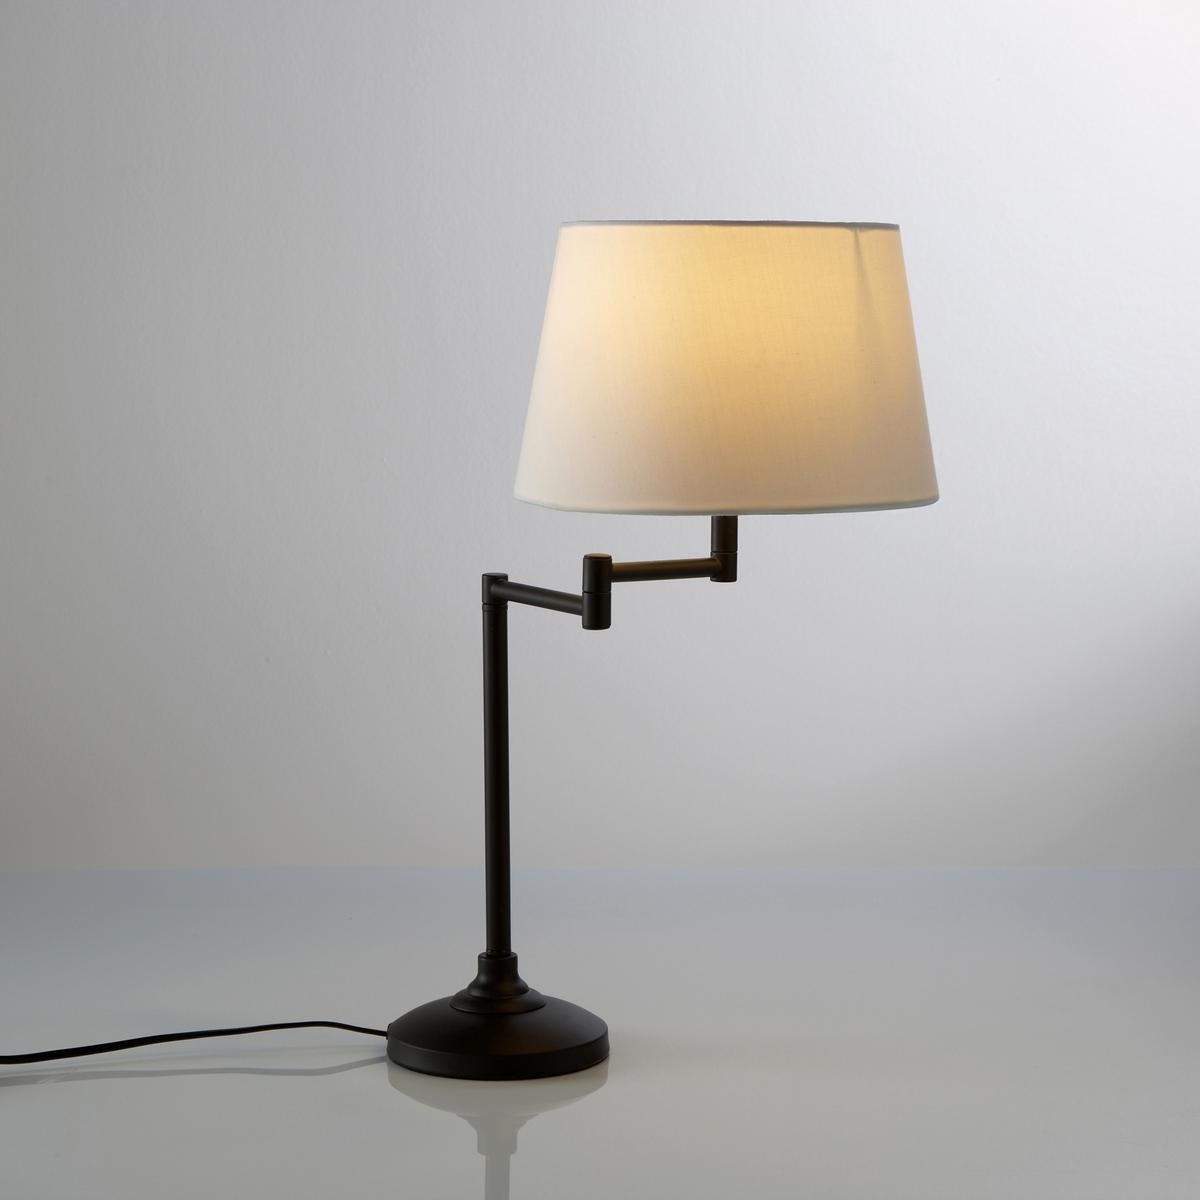 Лампа с гибкой ножкой, NynaЛампа с гибкой ножкой Nyna .Роскошная лампа Nyna с гибкой ножкой привнесут изысканность в ваш интерьер Описание лампы  Nyna  :Низ цоколя круглой формы Абажур из хлопковой ткани светло-бежевого цвета .Гибкая ножка на шарниреПатрон E14 для флюокомпактной лампочки макс 8W (не входит в комплект)  Этот светильник совместим с лампочками    энергетического класса   : AХарактеристики светильника  Nyna  :Метал с эпоксидным покрытием черного матового цвета Абажур из хлопковой ткани светло-бежевого цвета  .Кабель из черного пластика .Найдите другие лампы и светильники на сайте laredoute.ruРазмеры лампы Nyna :Подставка : ? 14 см. Высота 3.2 см Абажур : ? 26 см,Высота 16.5 см Общая высота : 53 см<br><br>Цвет: черный